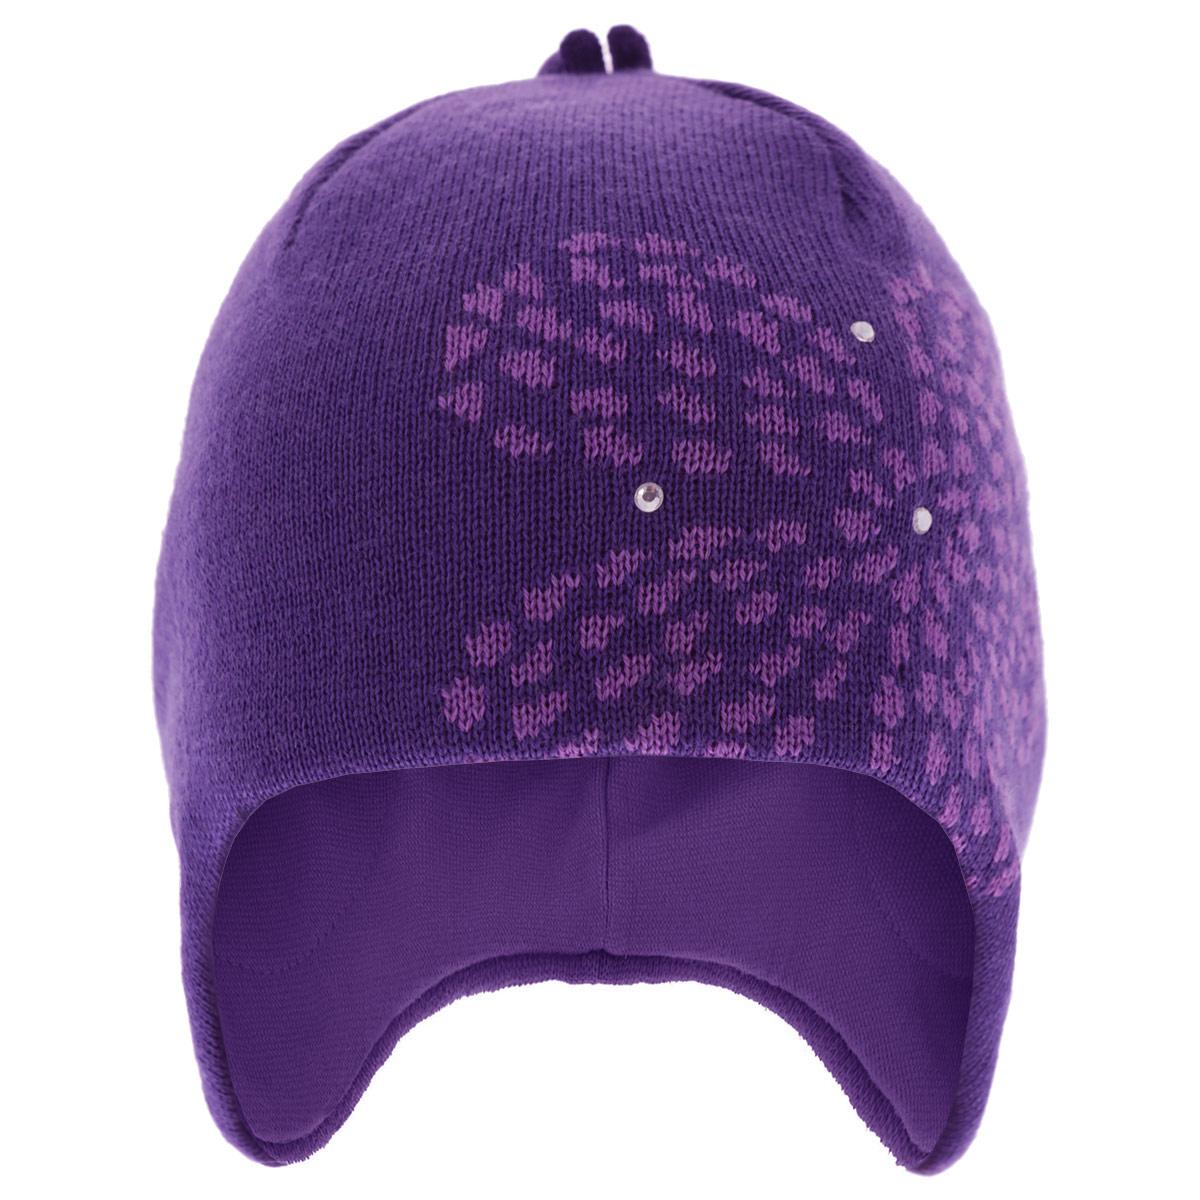 Шапка детская528424-100Стильная теплая детская шапка Reima Laughter идеально подойдет для прогулок в холодное время года. Шапочка с ветрозащитными вставками в области ушей, выполненная из натуральной шерстяной пряжи, максимально сохраняет тепло, она мягкая и идеально прилегает к голове. Шерсть хорошо тянется и устойчива к сминанию. Мягкая подкладка выполнена из эластичного хлопка, поэтому шапка хорошо сохраняет тепло, позволяет коже дышать и обладает отличной гигроскопичностью. Шапка оформлена стилизованным изображением цветка и тремя блестящими стразами. Такая шапка станет модным и стильным дополнением гардероба вашего малыша. Она поднимет ему настроение даже в самые морозные дни! Уважаемые клиенты! Размер, доступный для заказа, является обхватом головы.